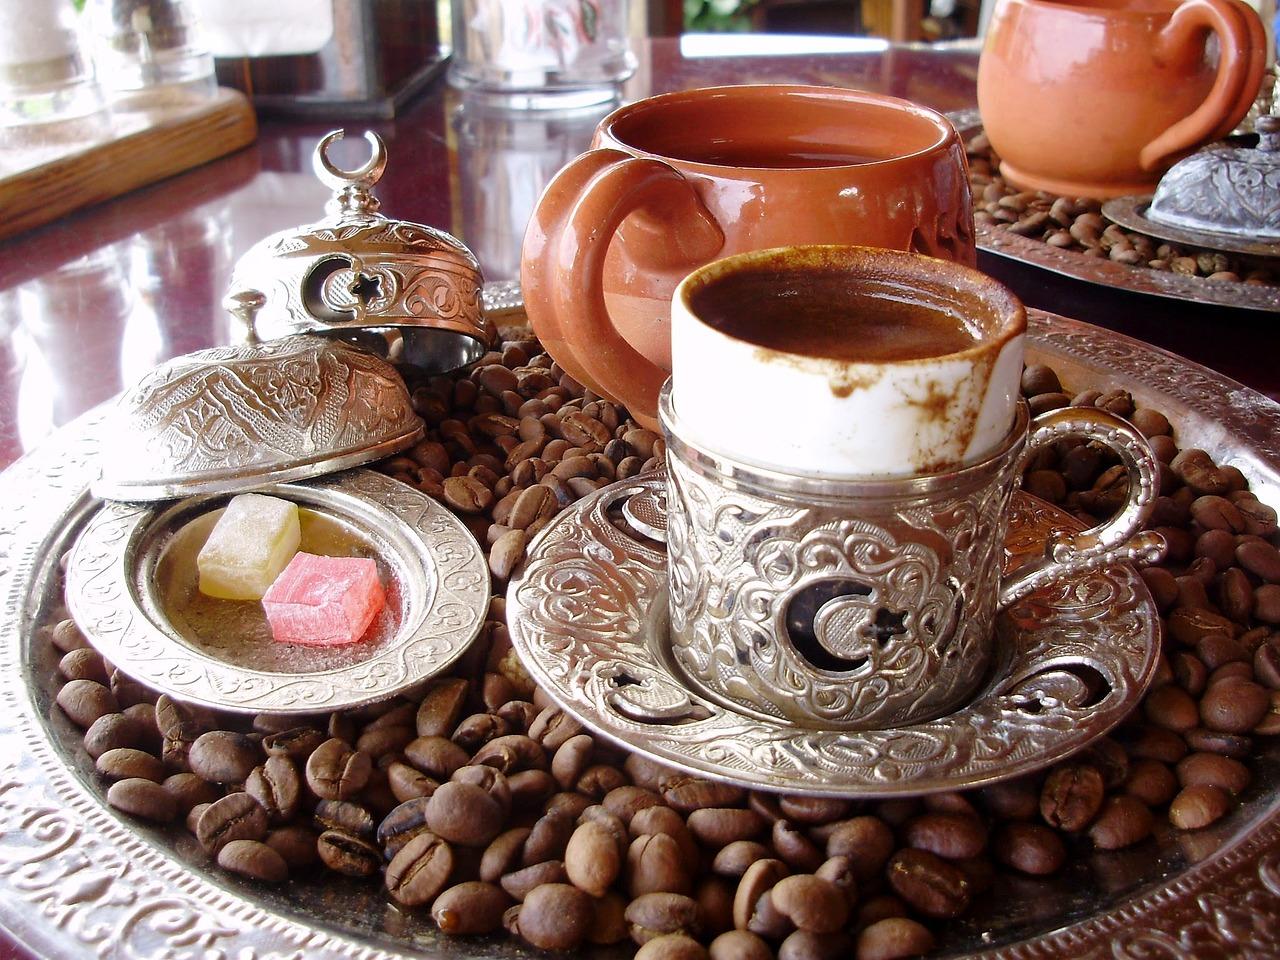 コーヒーの飲み方の元祖は、トルコ・コーヒーだった?